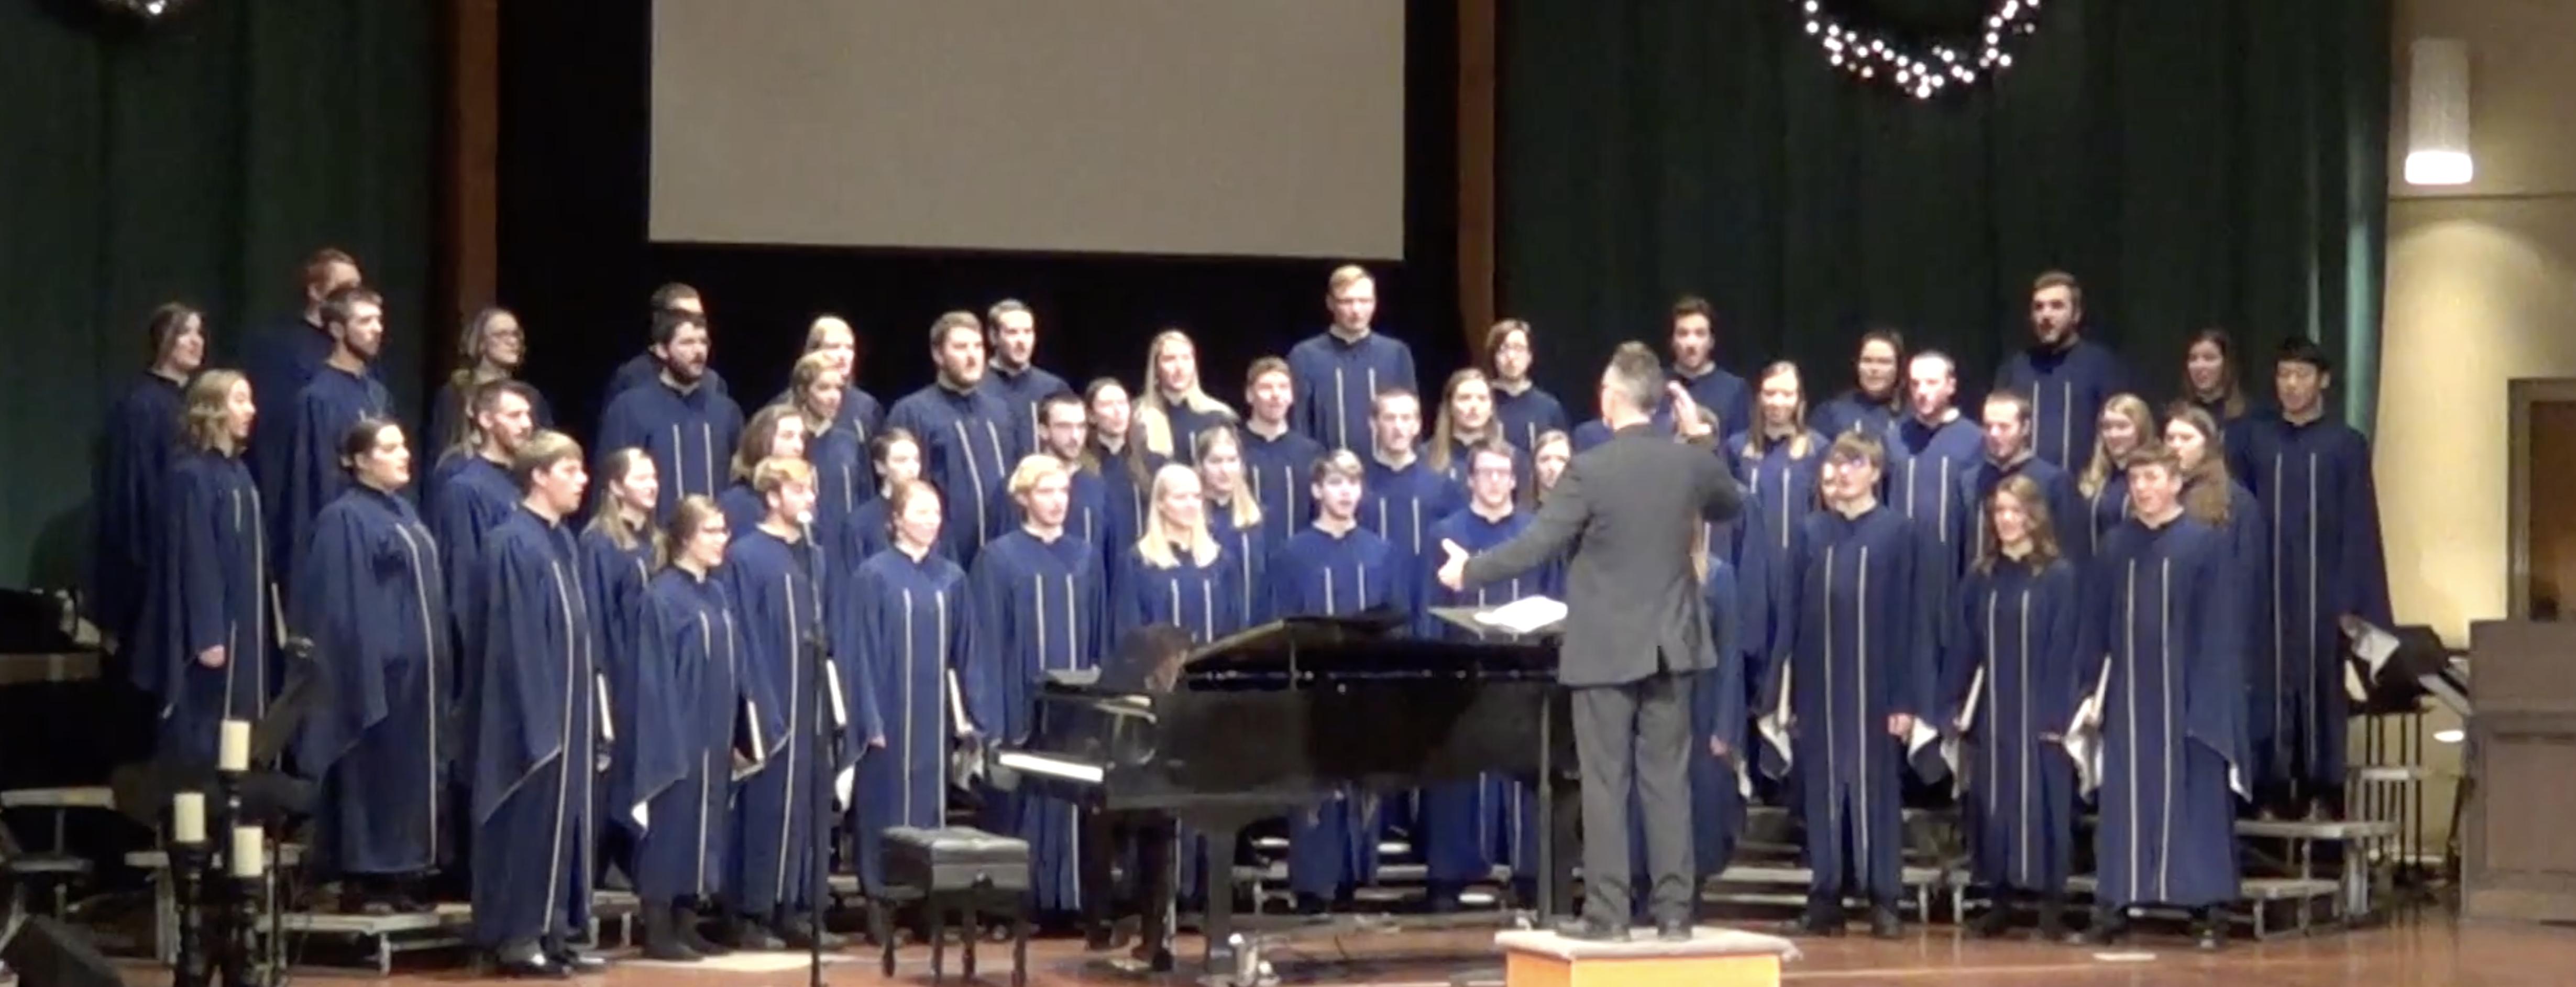 Dordt College Concert Choir Winter Tour 2017